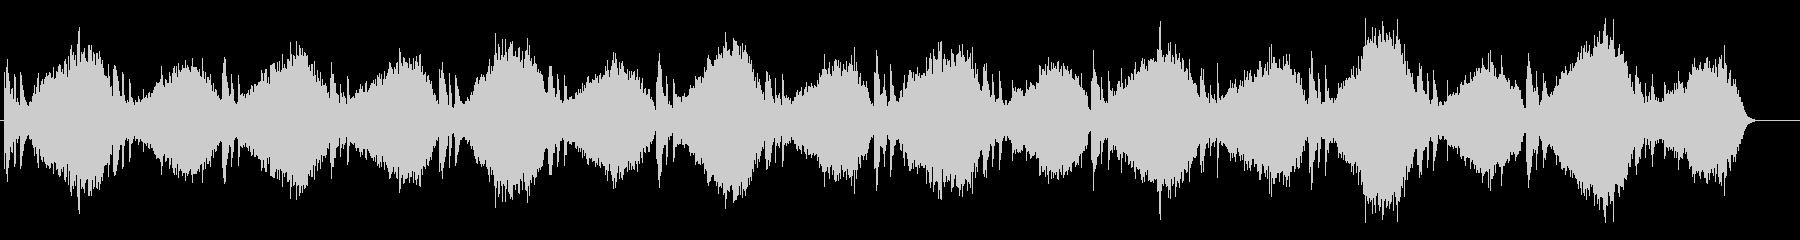 ドキュメント向け ストリングス・ピアノ曲の未再生の波形